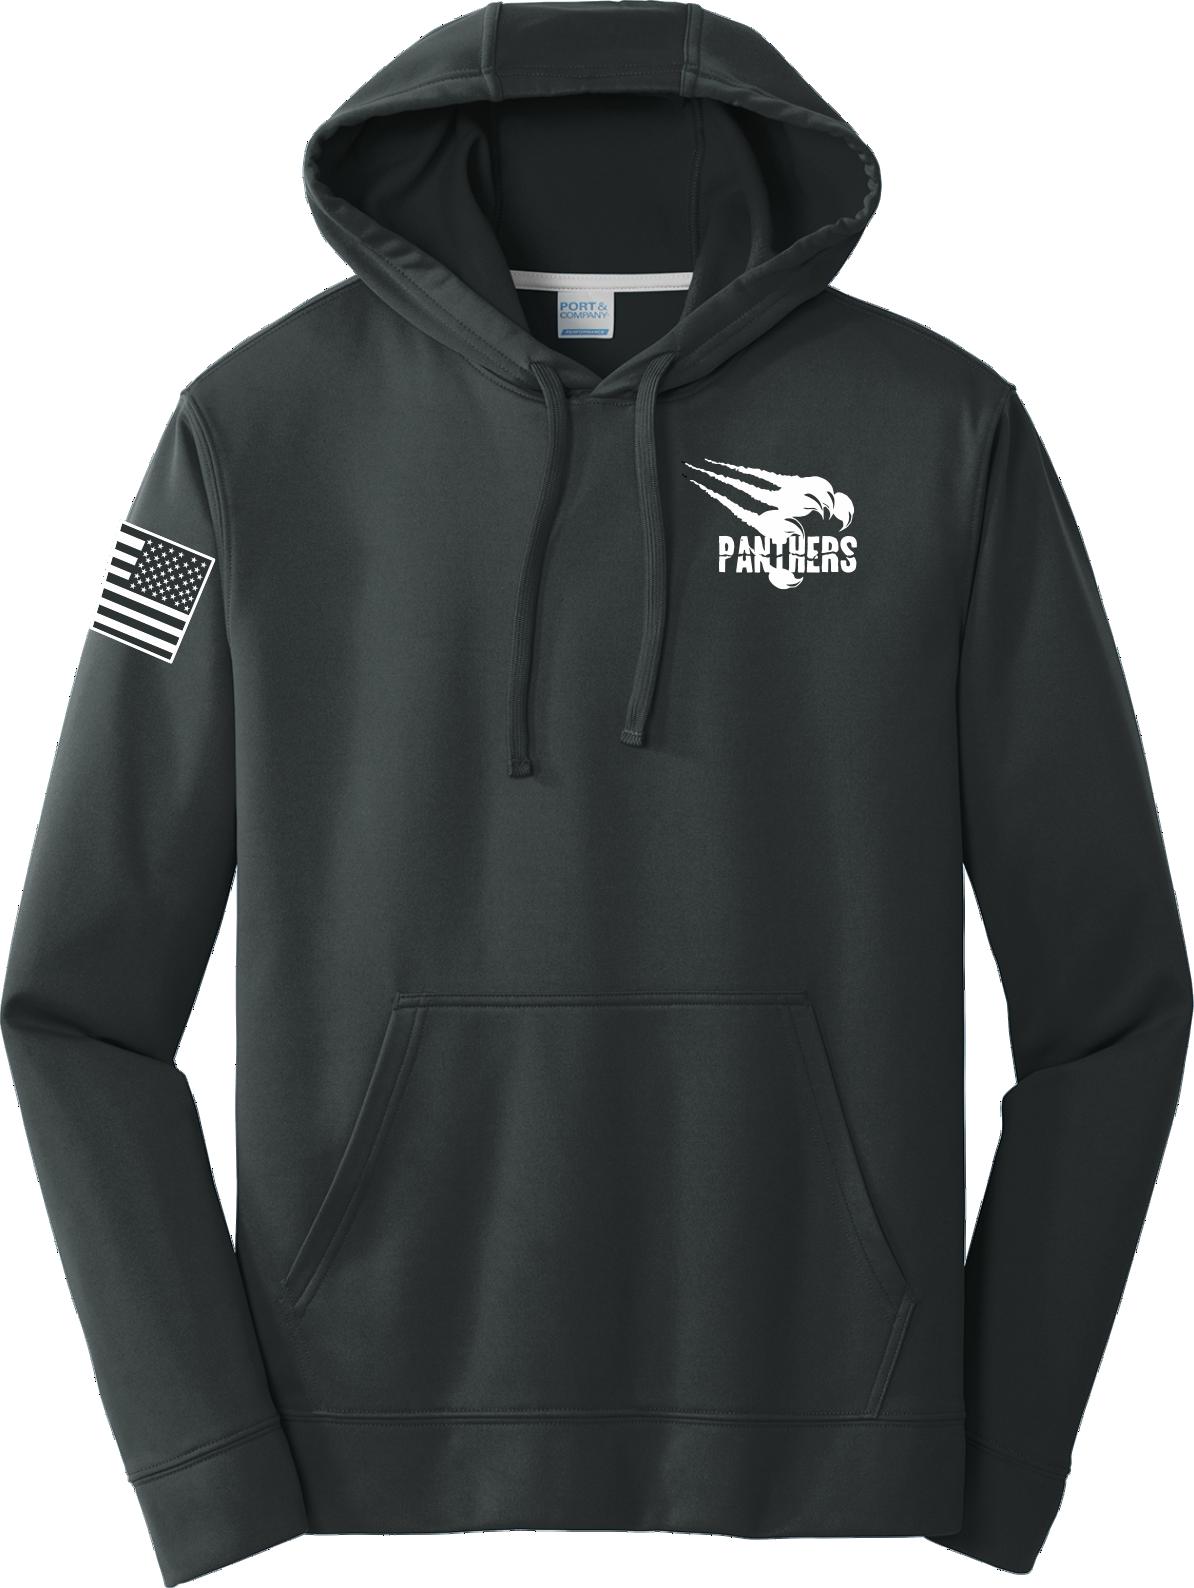 Black Poly Fleece Crew Hooded Sweatshirt-NO PROWL